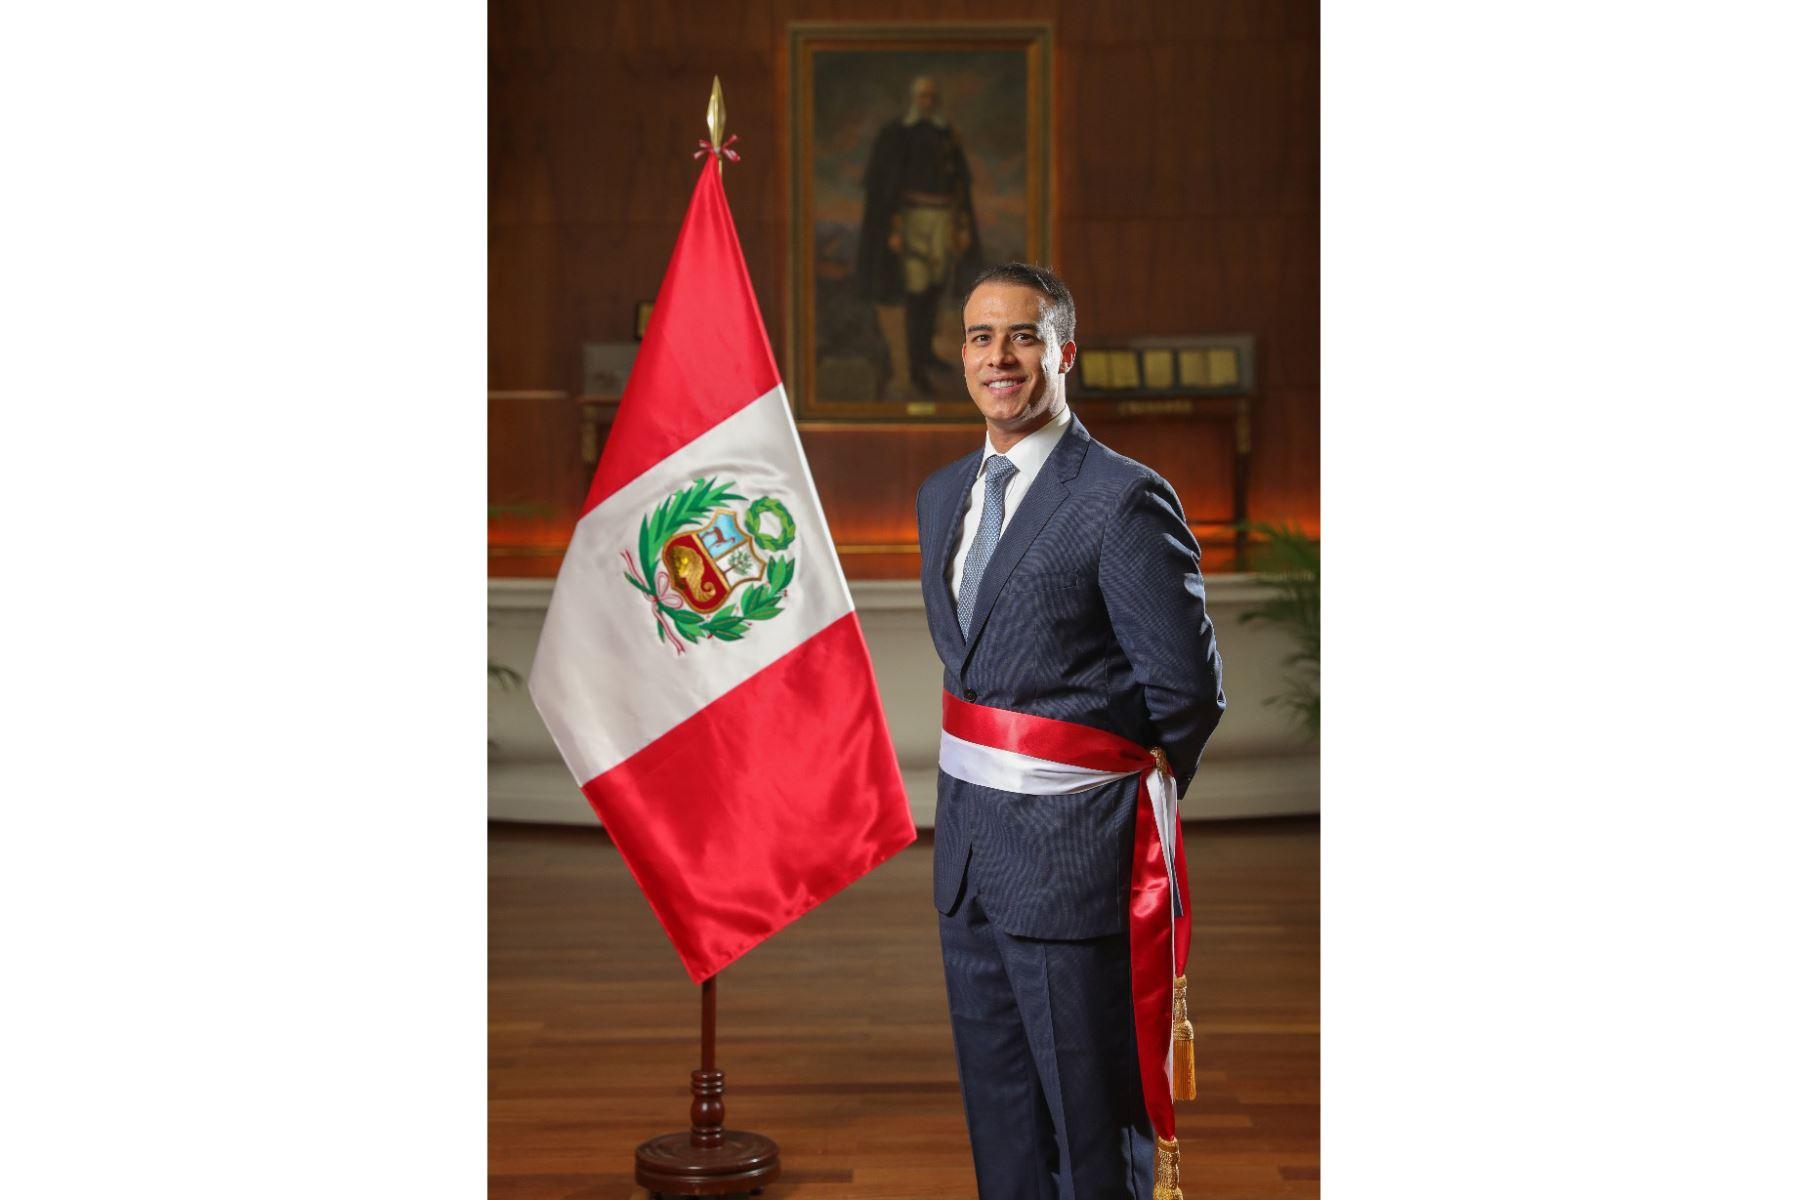 Martín Ruggiero, ministro de Trabajo y Promoción del Empleo. Abogado por la Universidad de Lima y cuenta con estudios fuera del país sobre Derecho Laboral. Foto: ANDINA/PCM